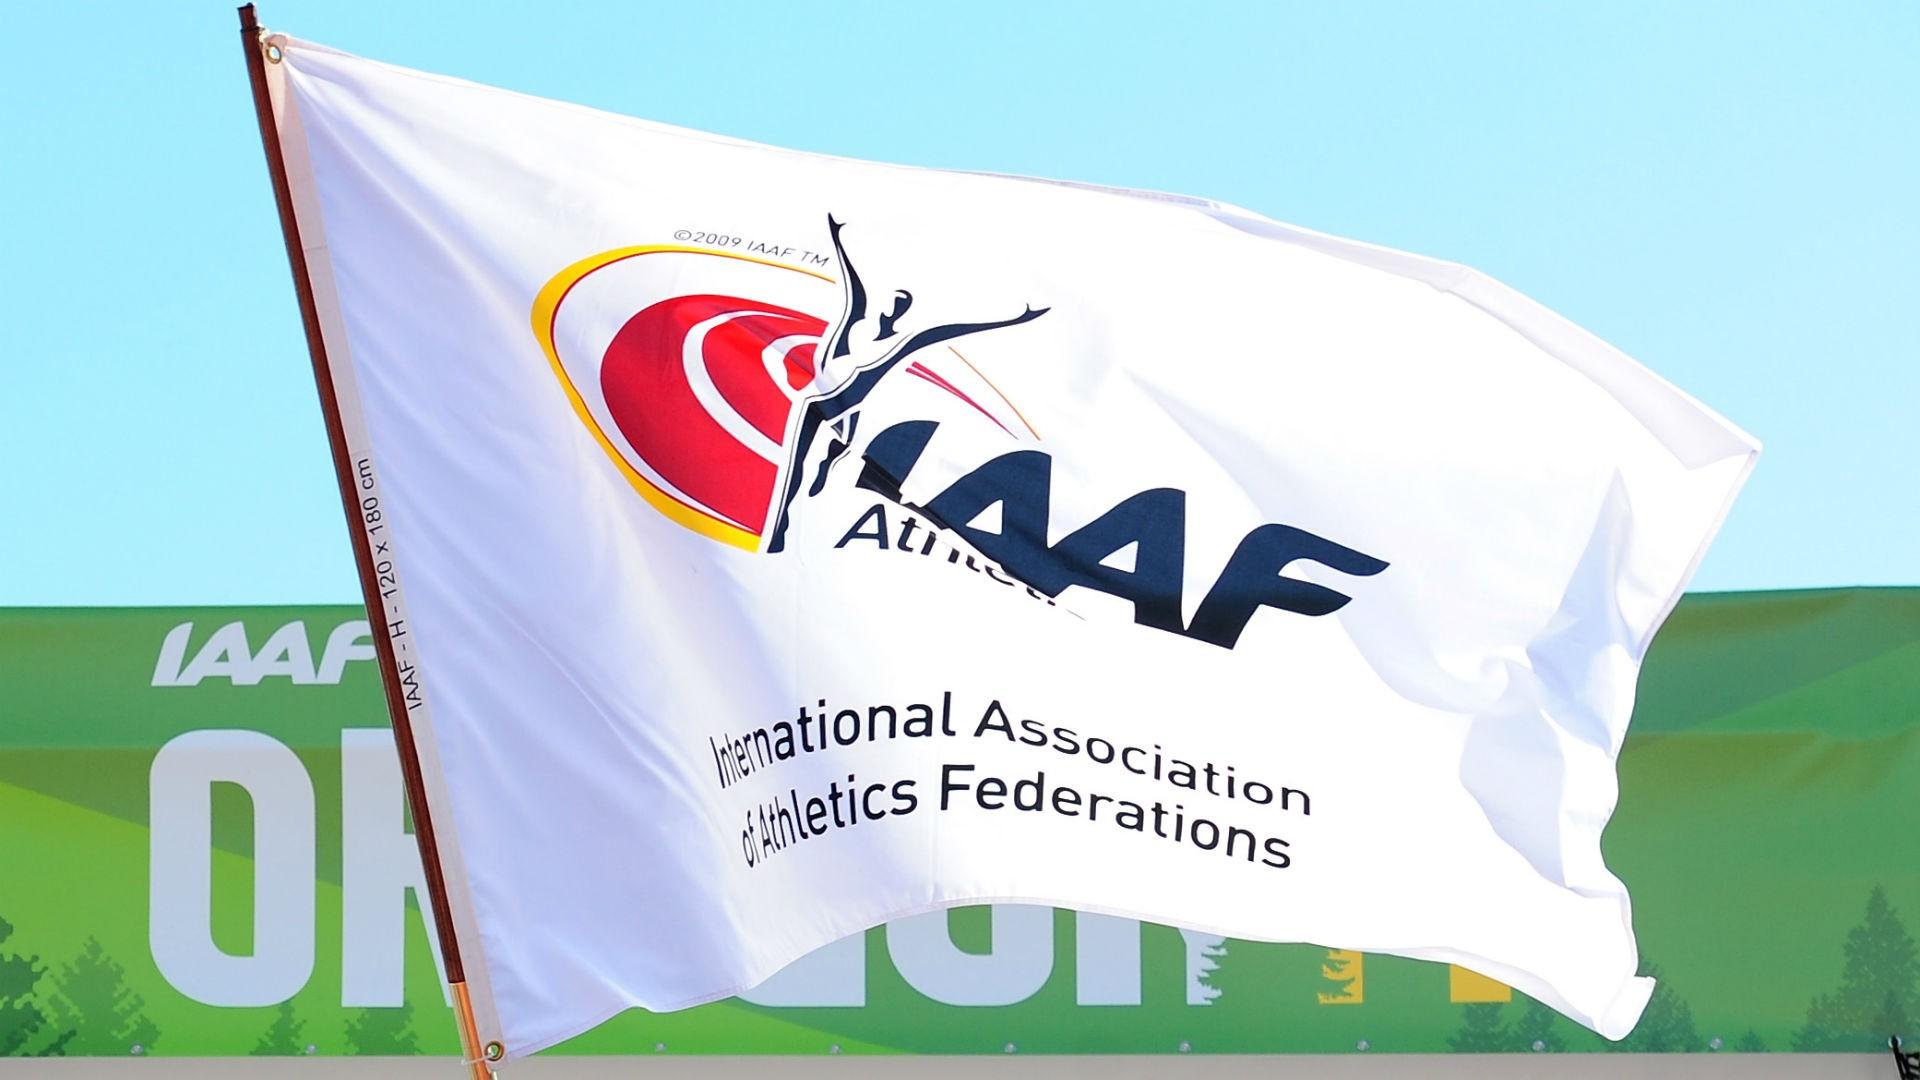 Съезд IAAF утвердил реформы, предложенные президентом Коэ